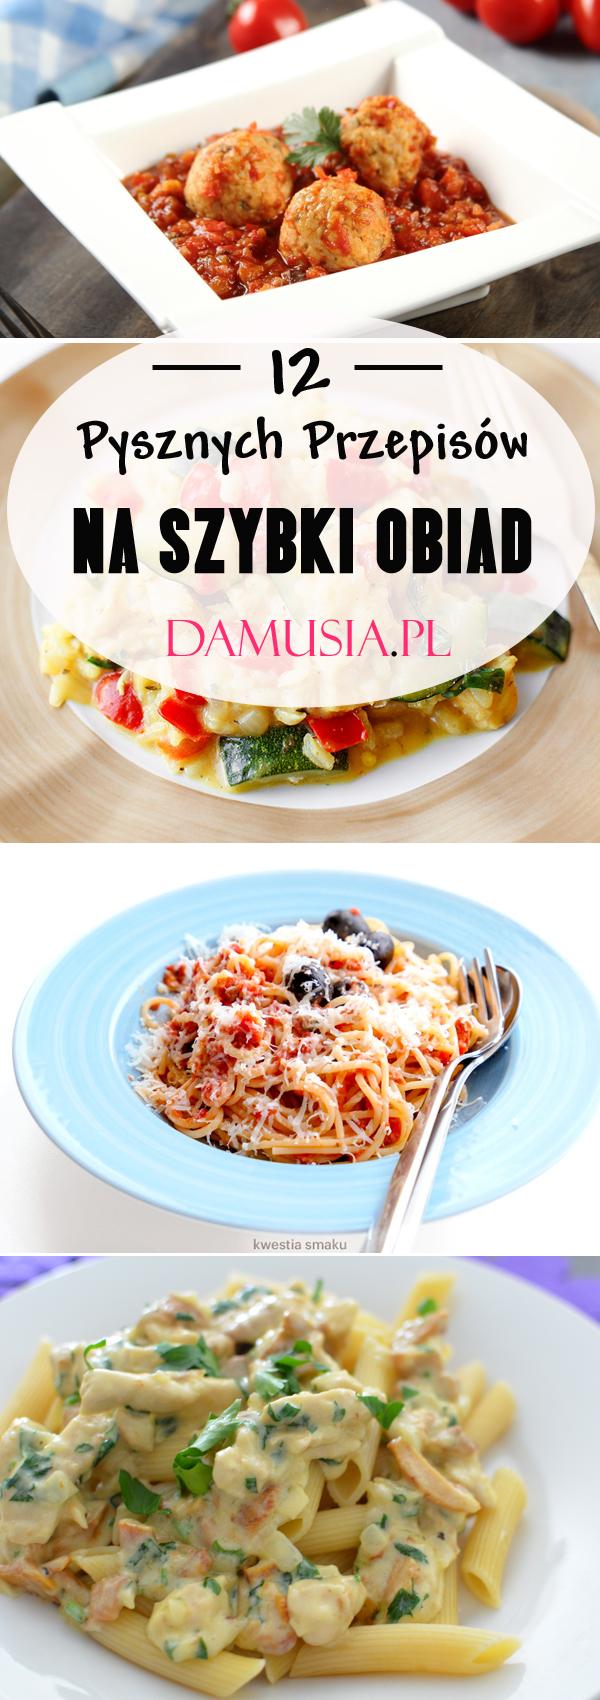 12 Pysznych Przepisow Na Szybki Obiad